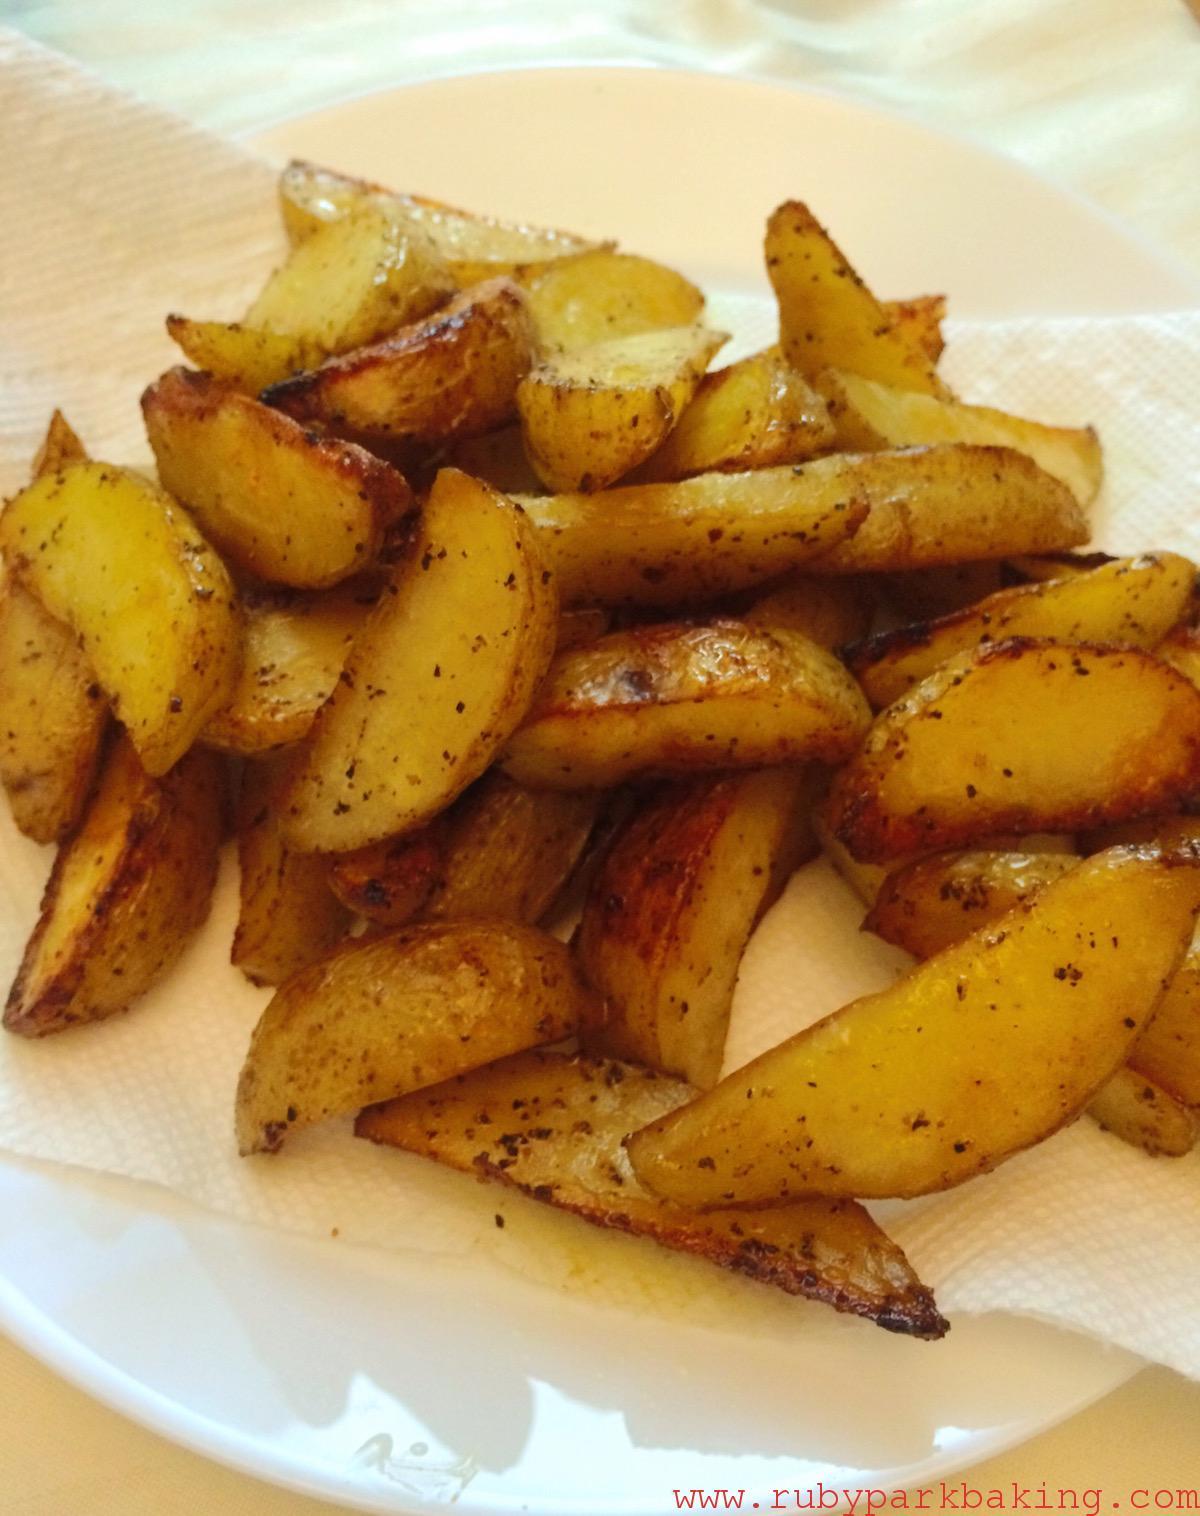 Homemade oven baked potato wedges on rubyparkbaking.com